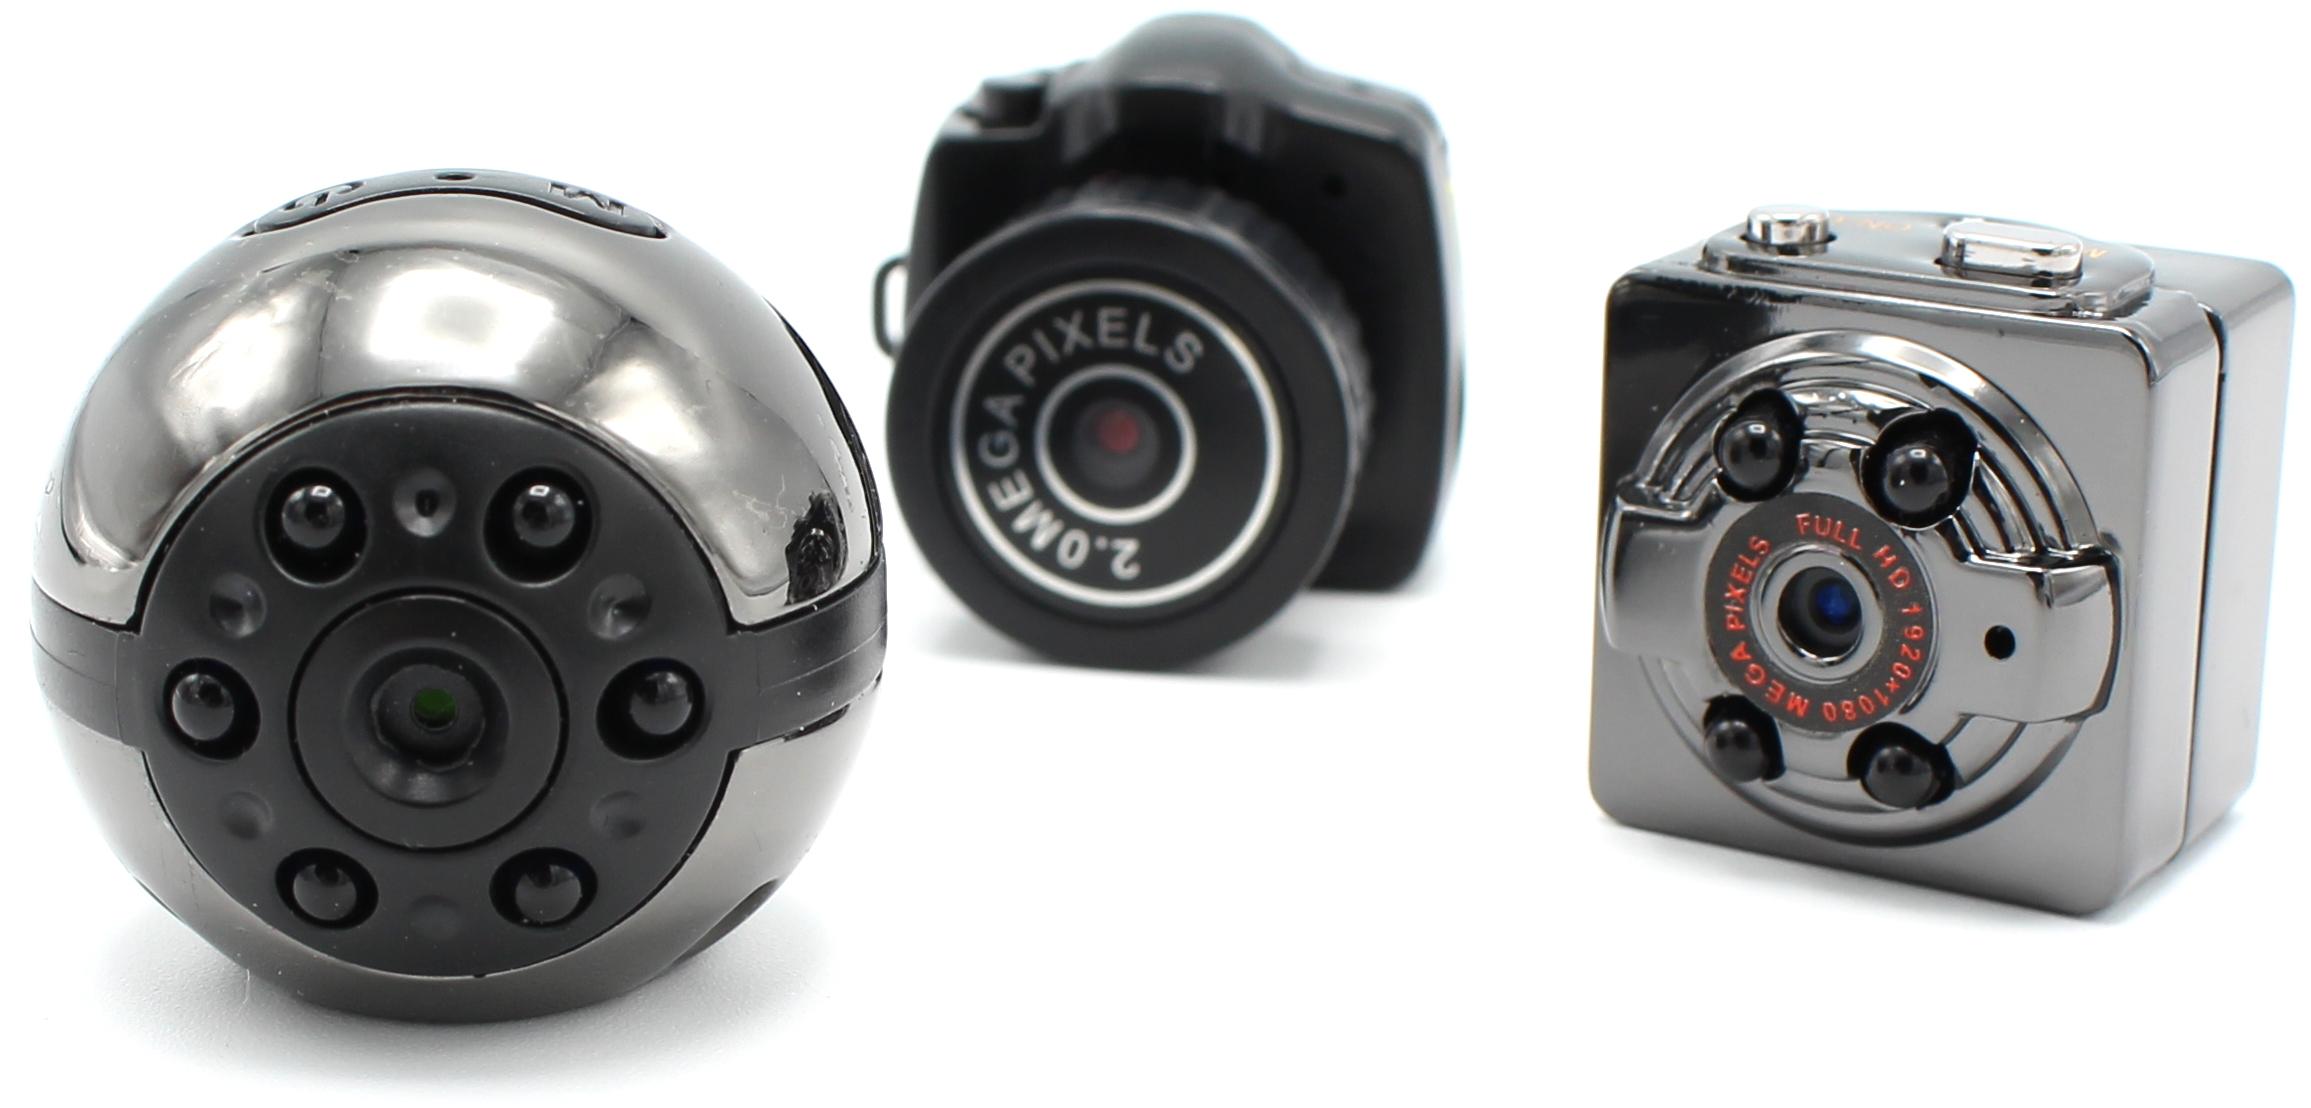 Kamery miniaturních rozměrů s kvalitním záznamem